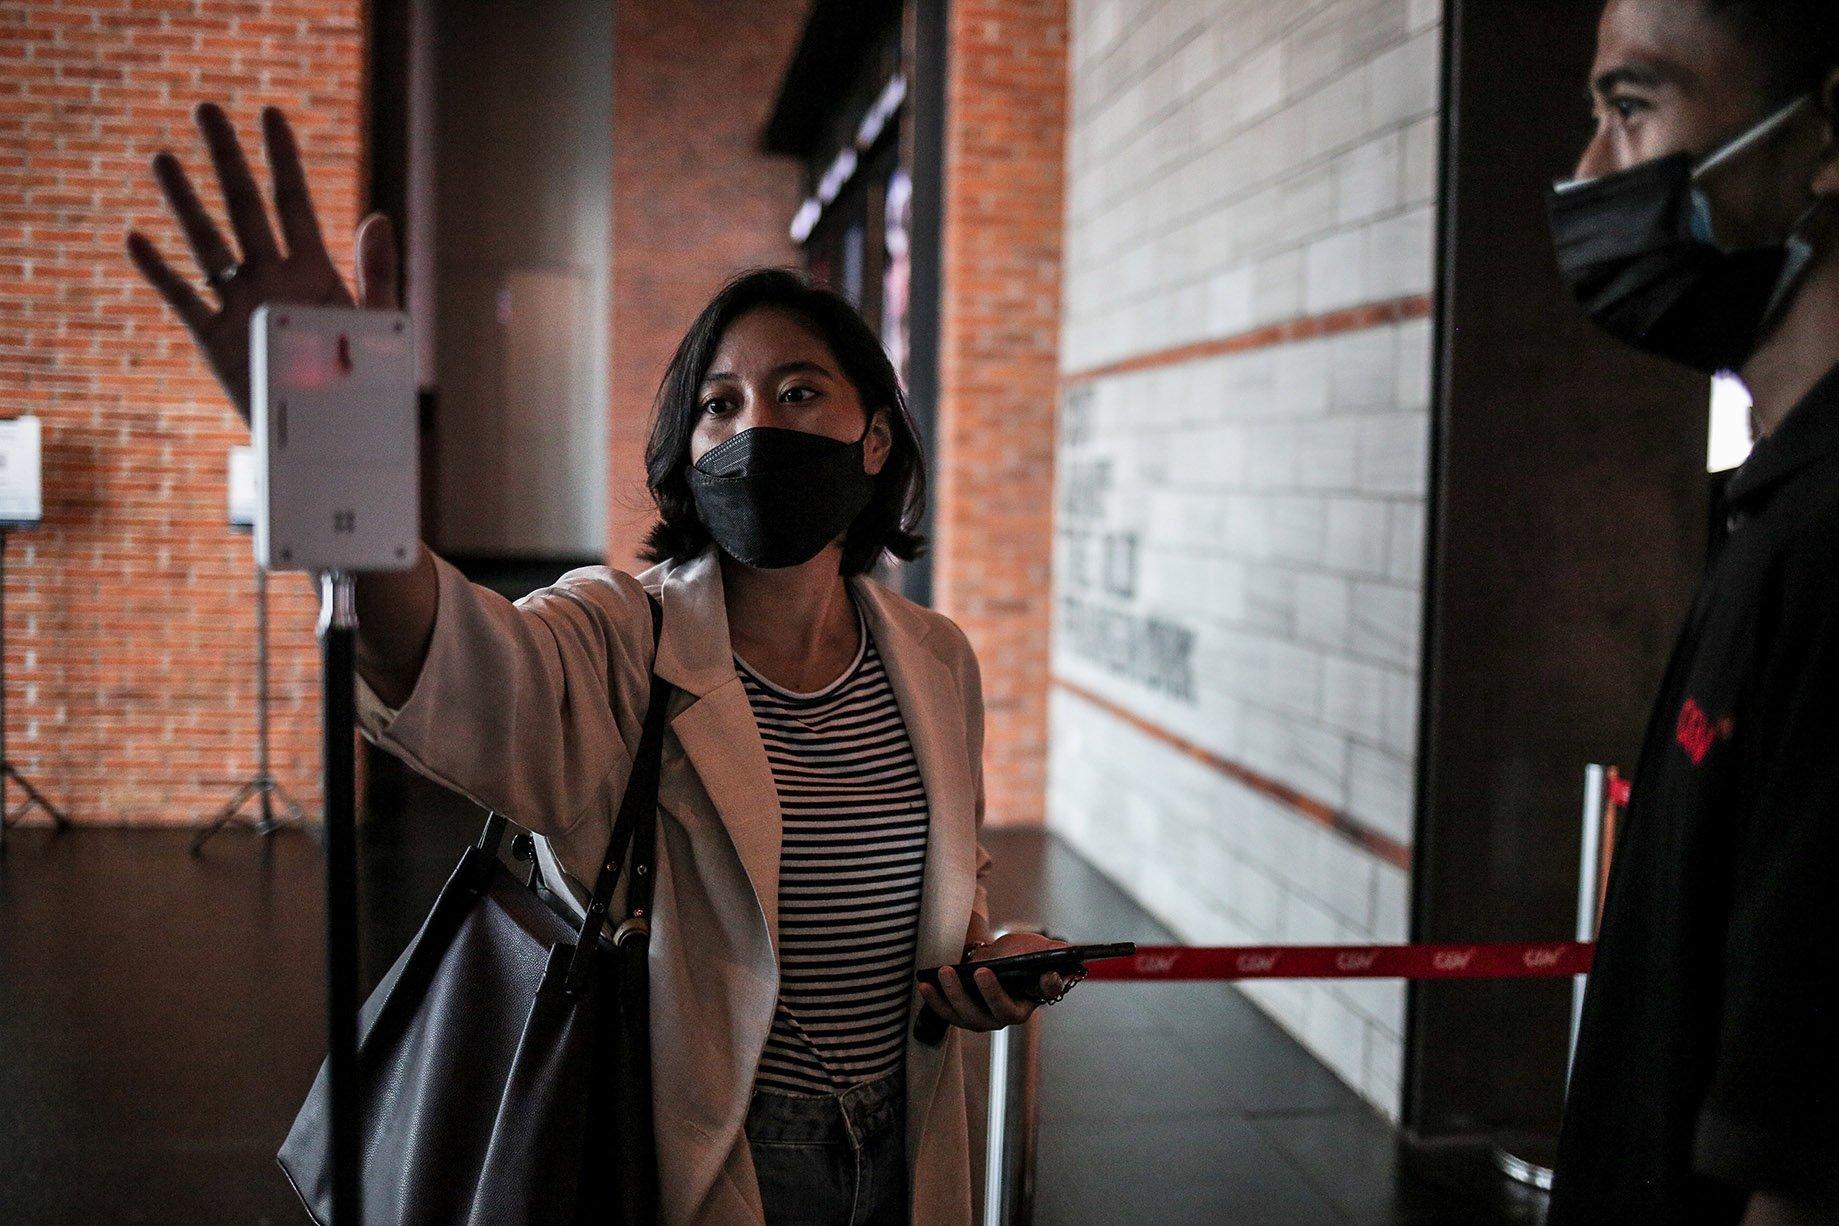 Pengunjung mengecek suhu badan menggunakan termometer saat hendak menonton di Bioskop CGV Grand Indonesia di Jakarta, Kamis (16/9/2021). Pemerintah memberikan kelonggaran dengan diperbolehkannya bioskop buka kembali di wilayah-wilayah dengan status pemberlakuan pembatasan kegiatan masyarakat (PPKM) level 3 dan 2 dengan kapasitas pengunjung 50 persen, penggunaan aplikasi PeduliLindungi, telah tervaksinasi COVID-19 dosis kesatu serta kedua dan menerapkan protokol kesehatan secara ketat.